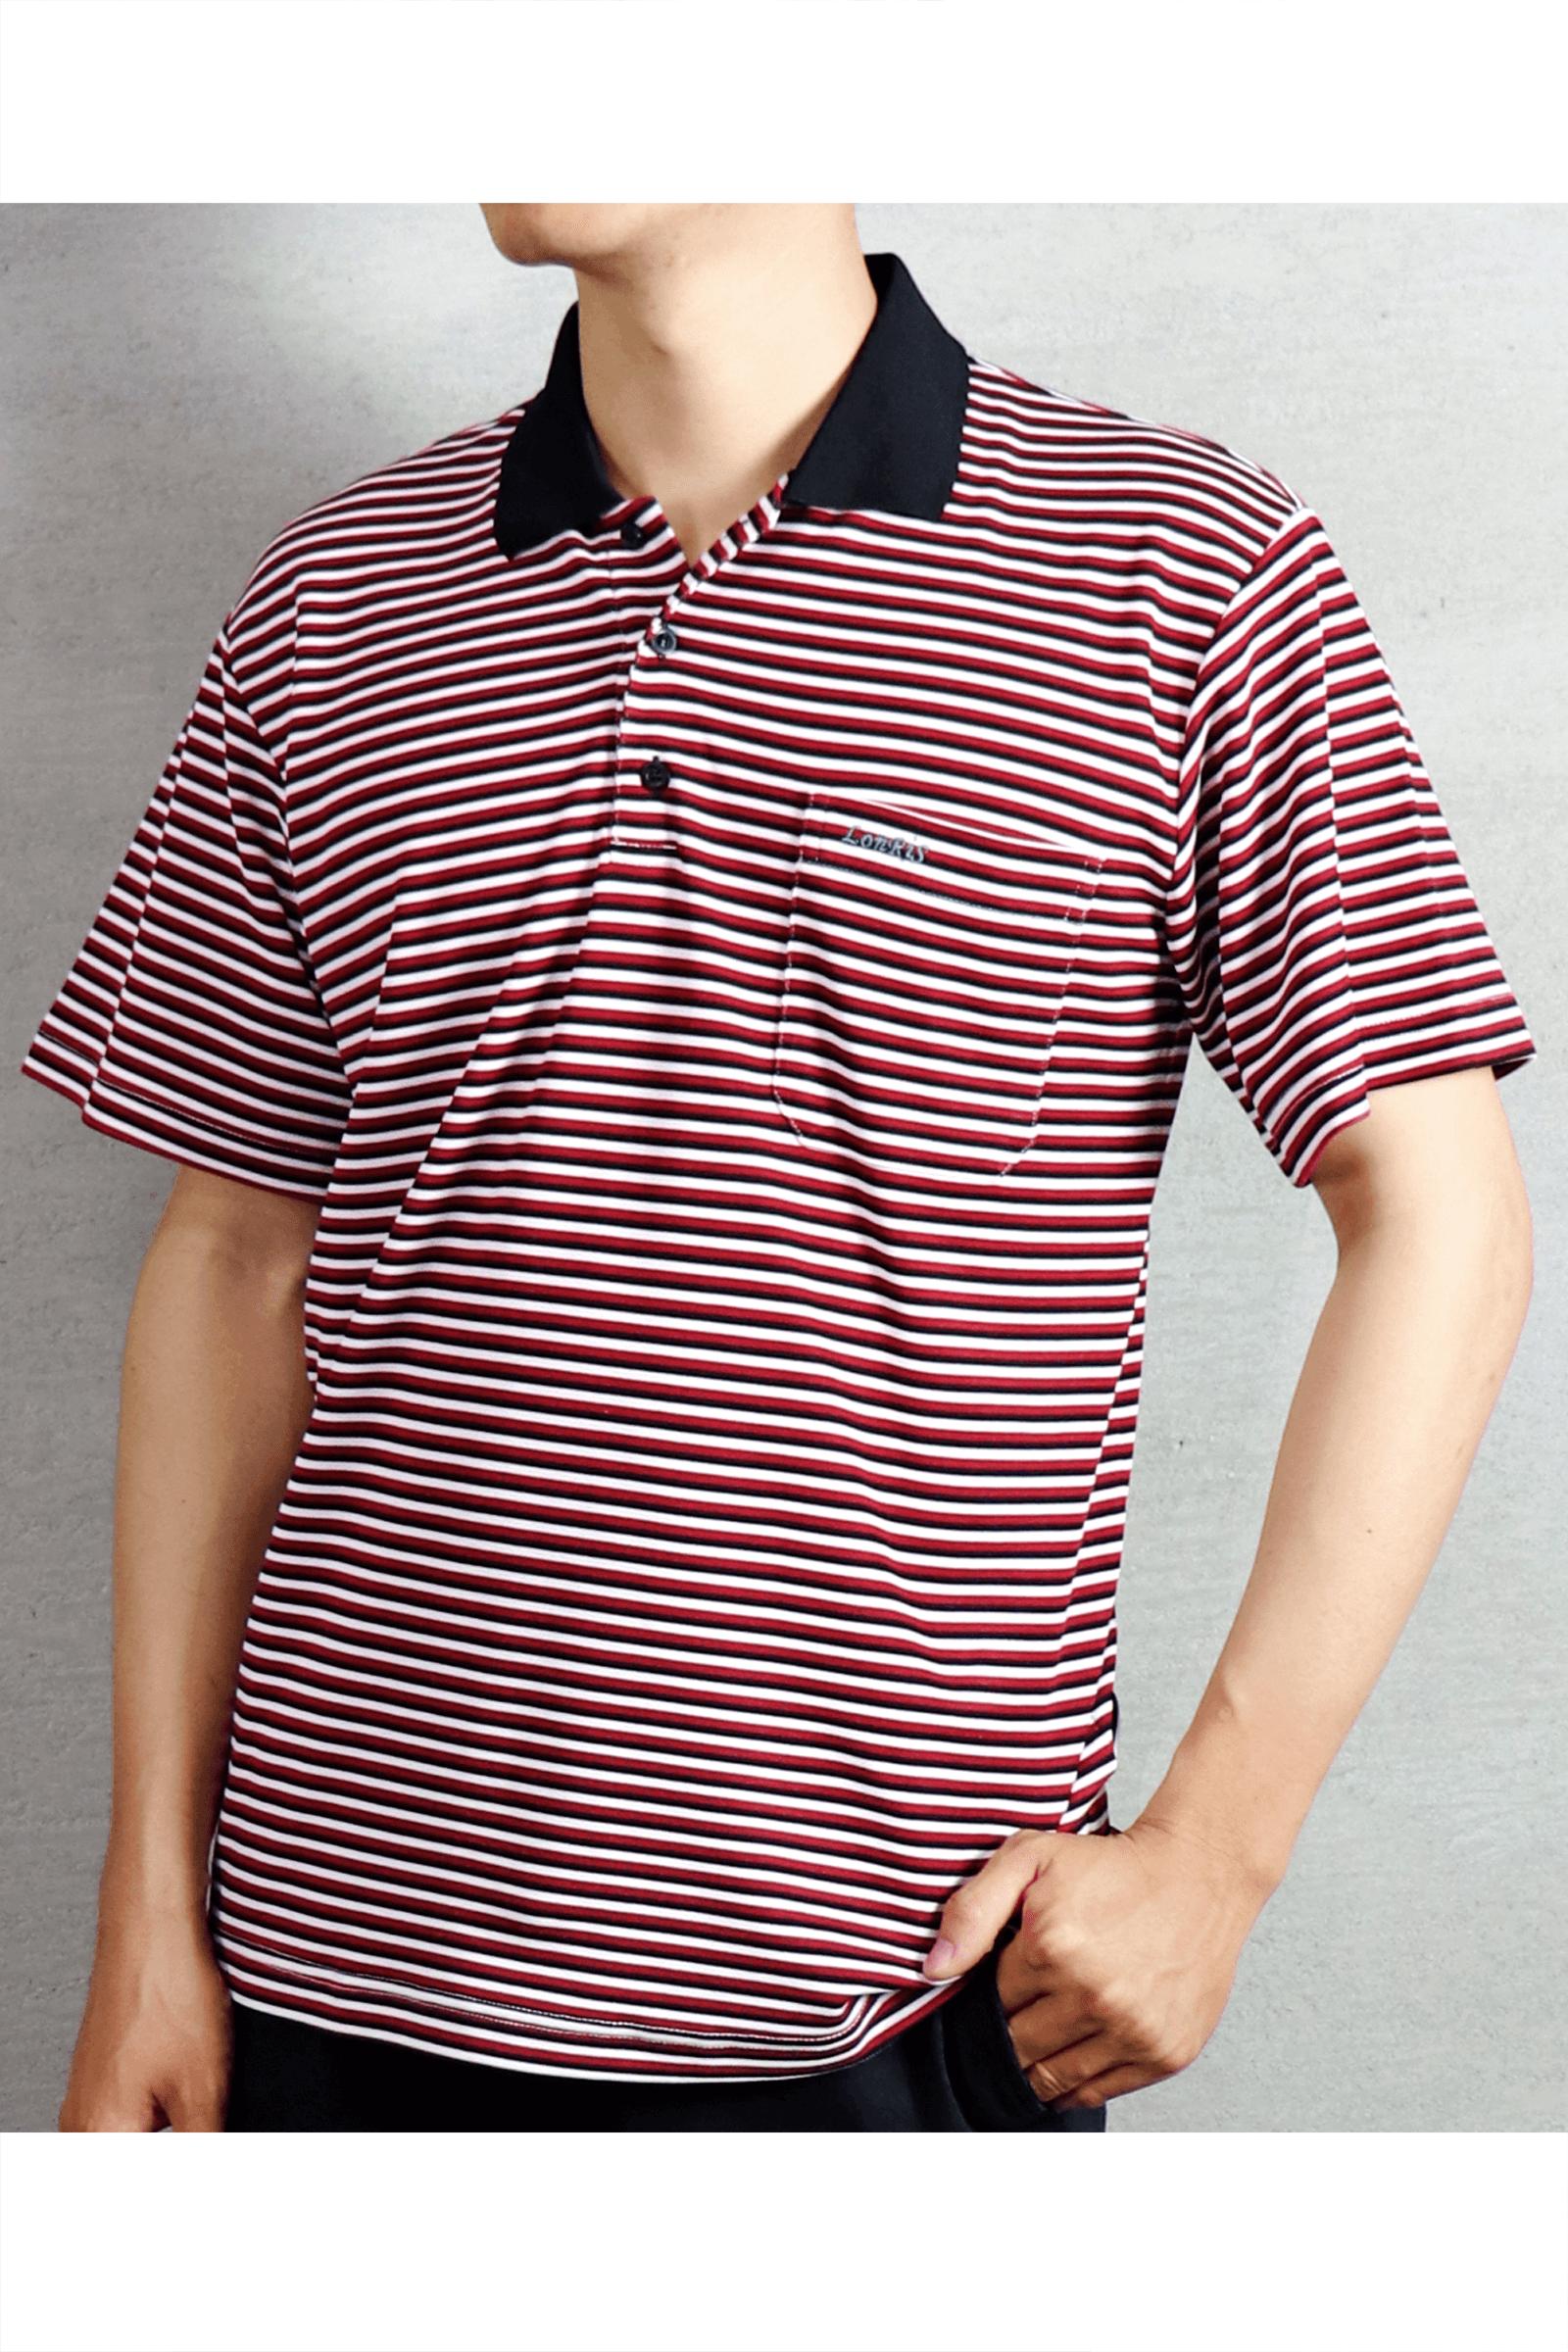 紅黑條紋短袖POLO衫/吸濕排汗 速乾